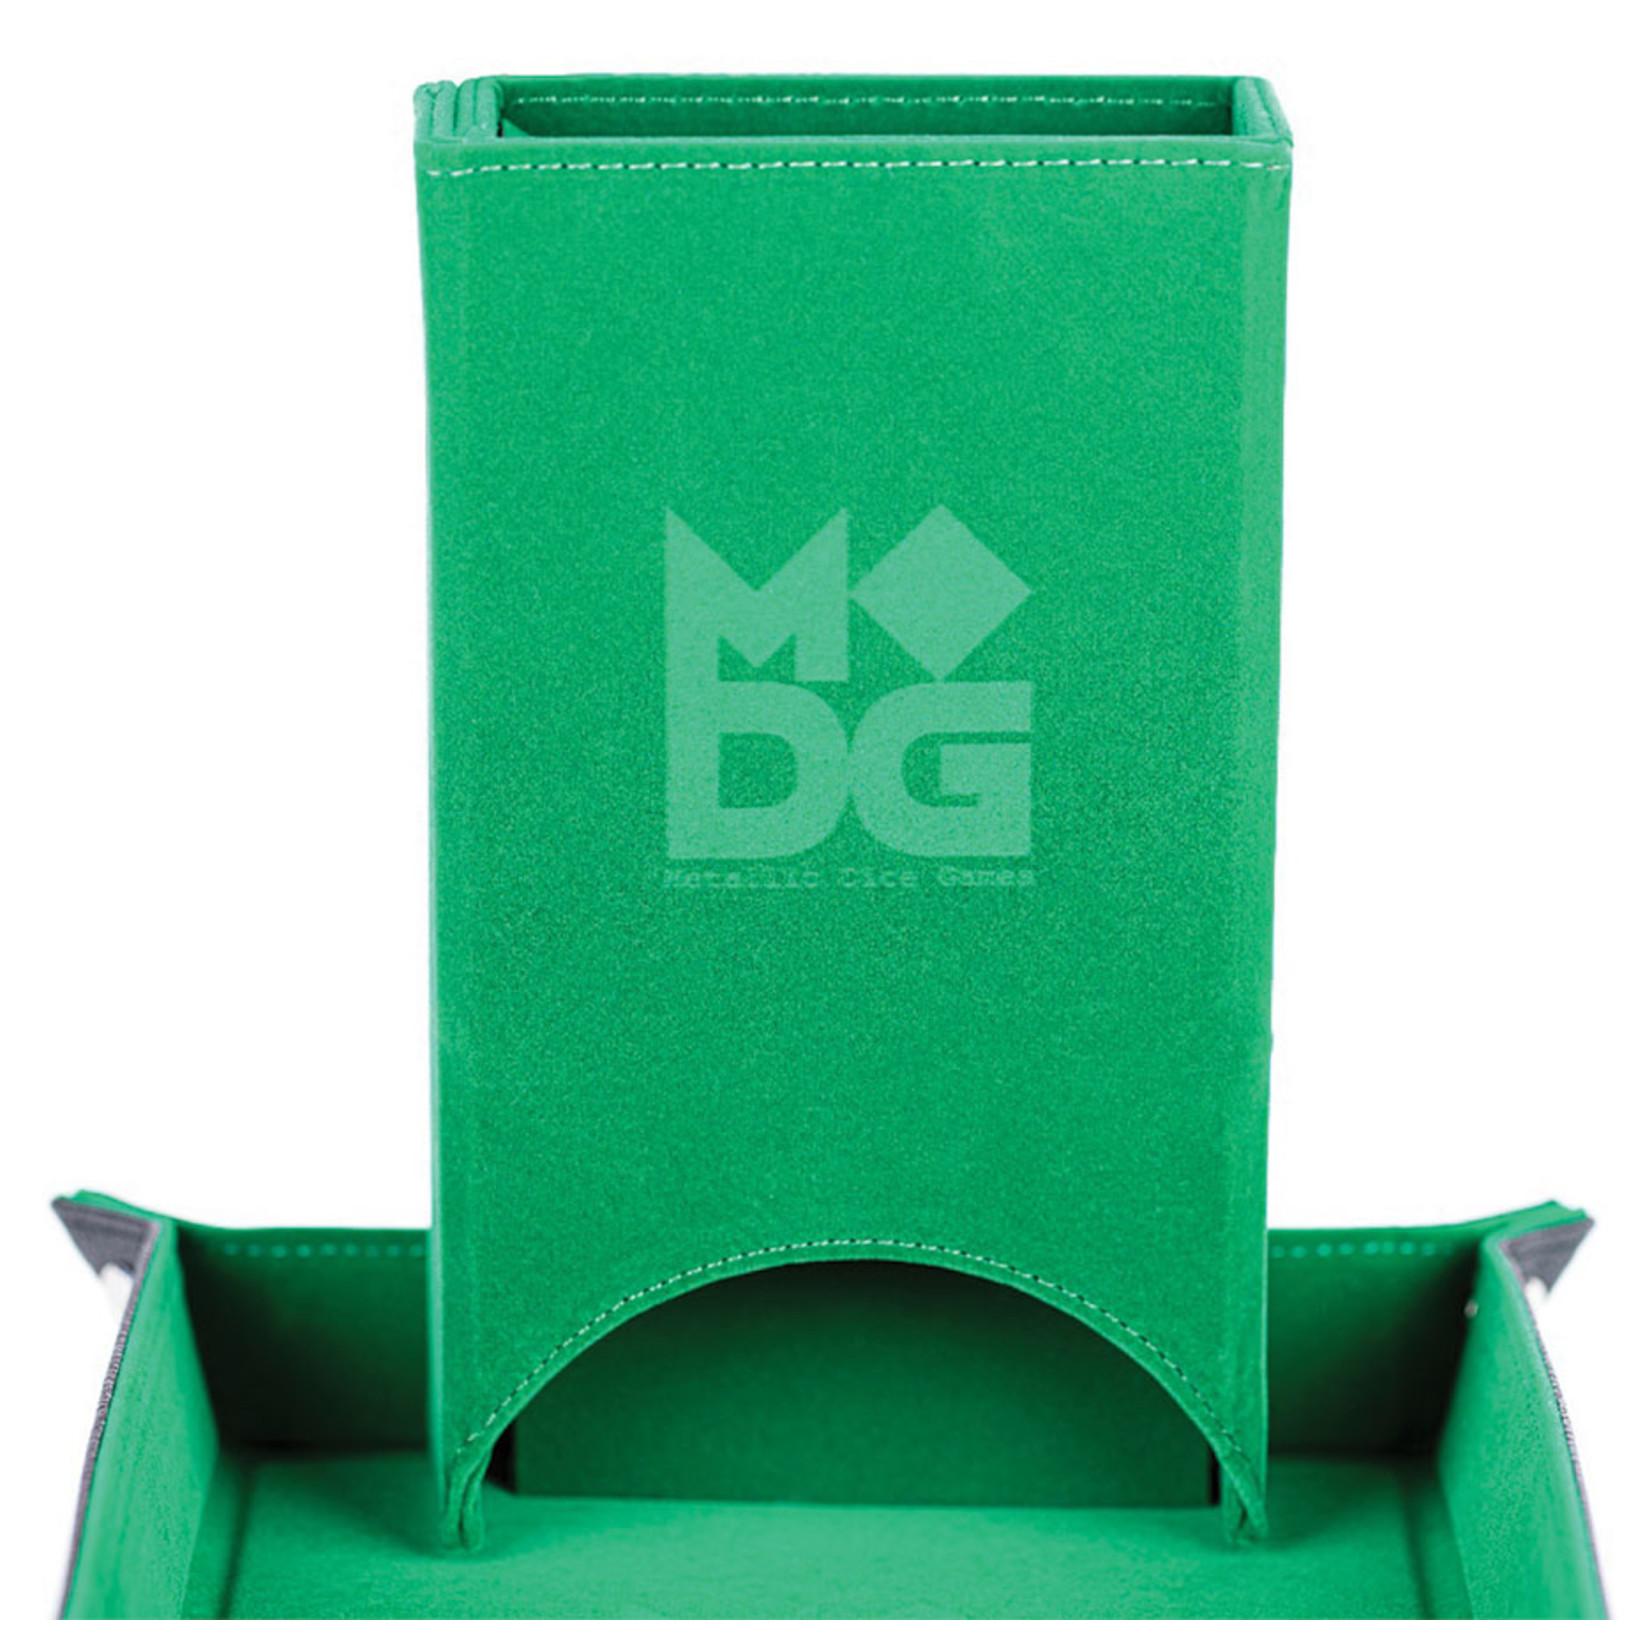 Fold Up Velvet Dice Tower: Green